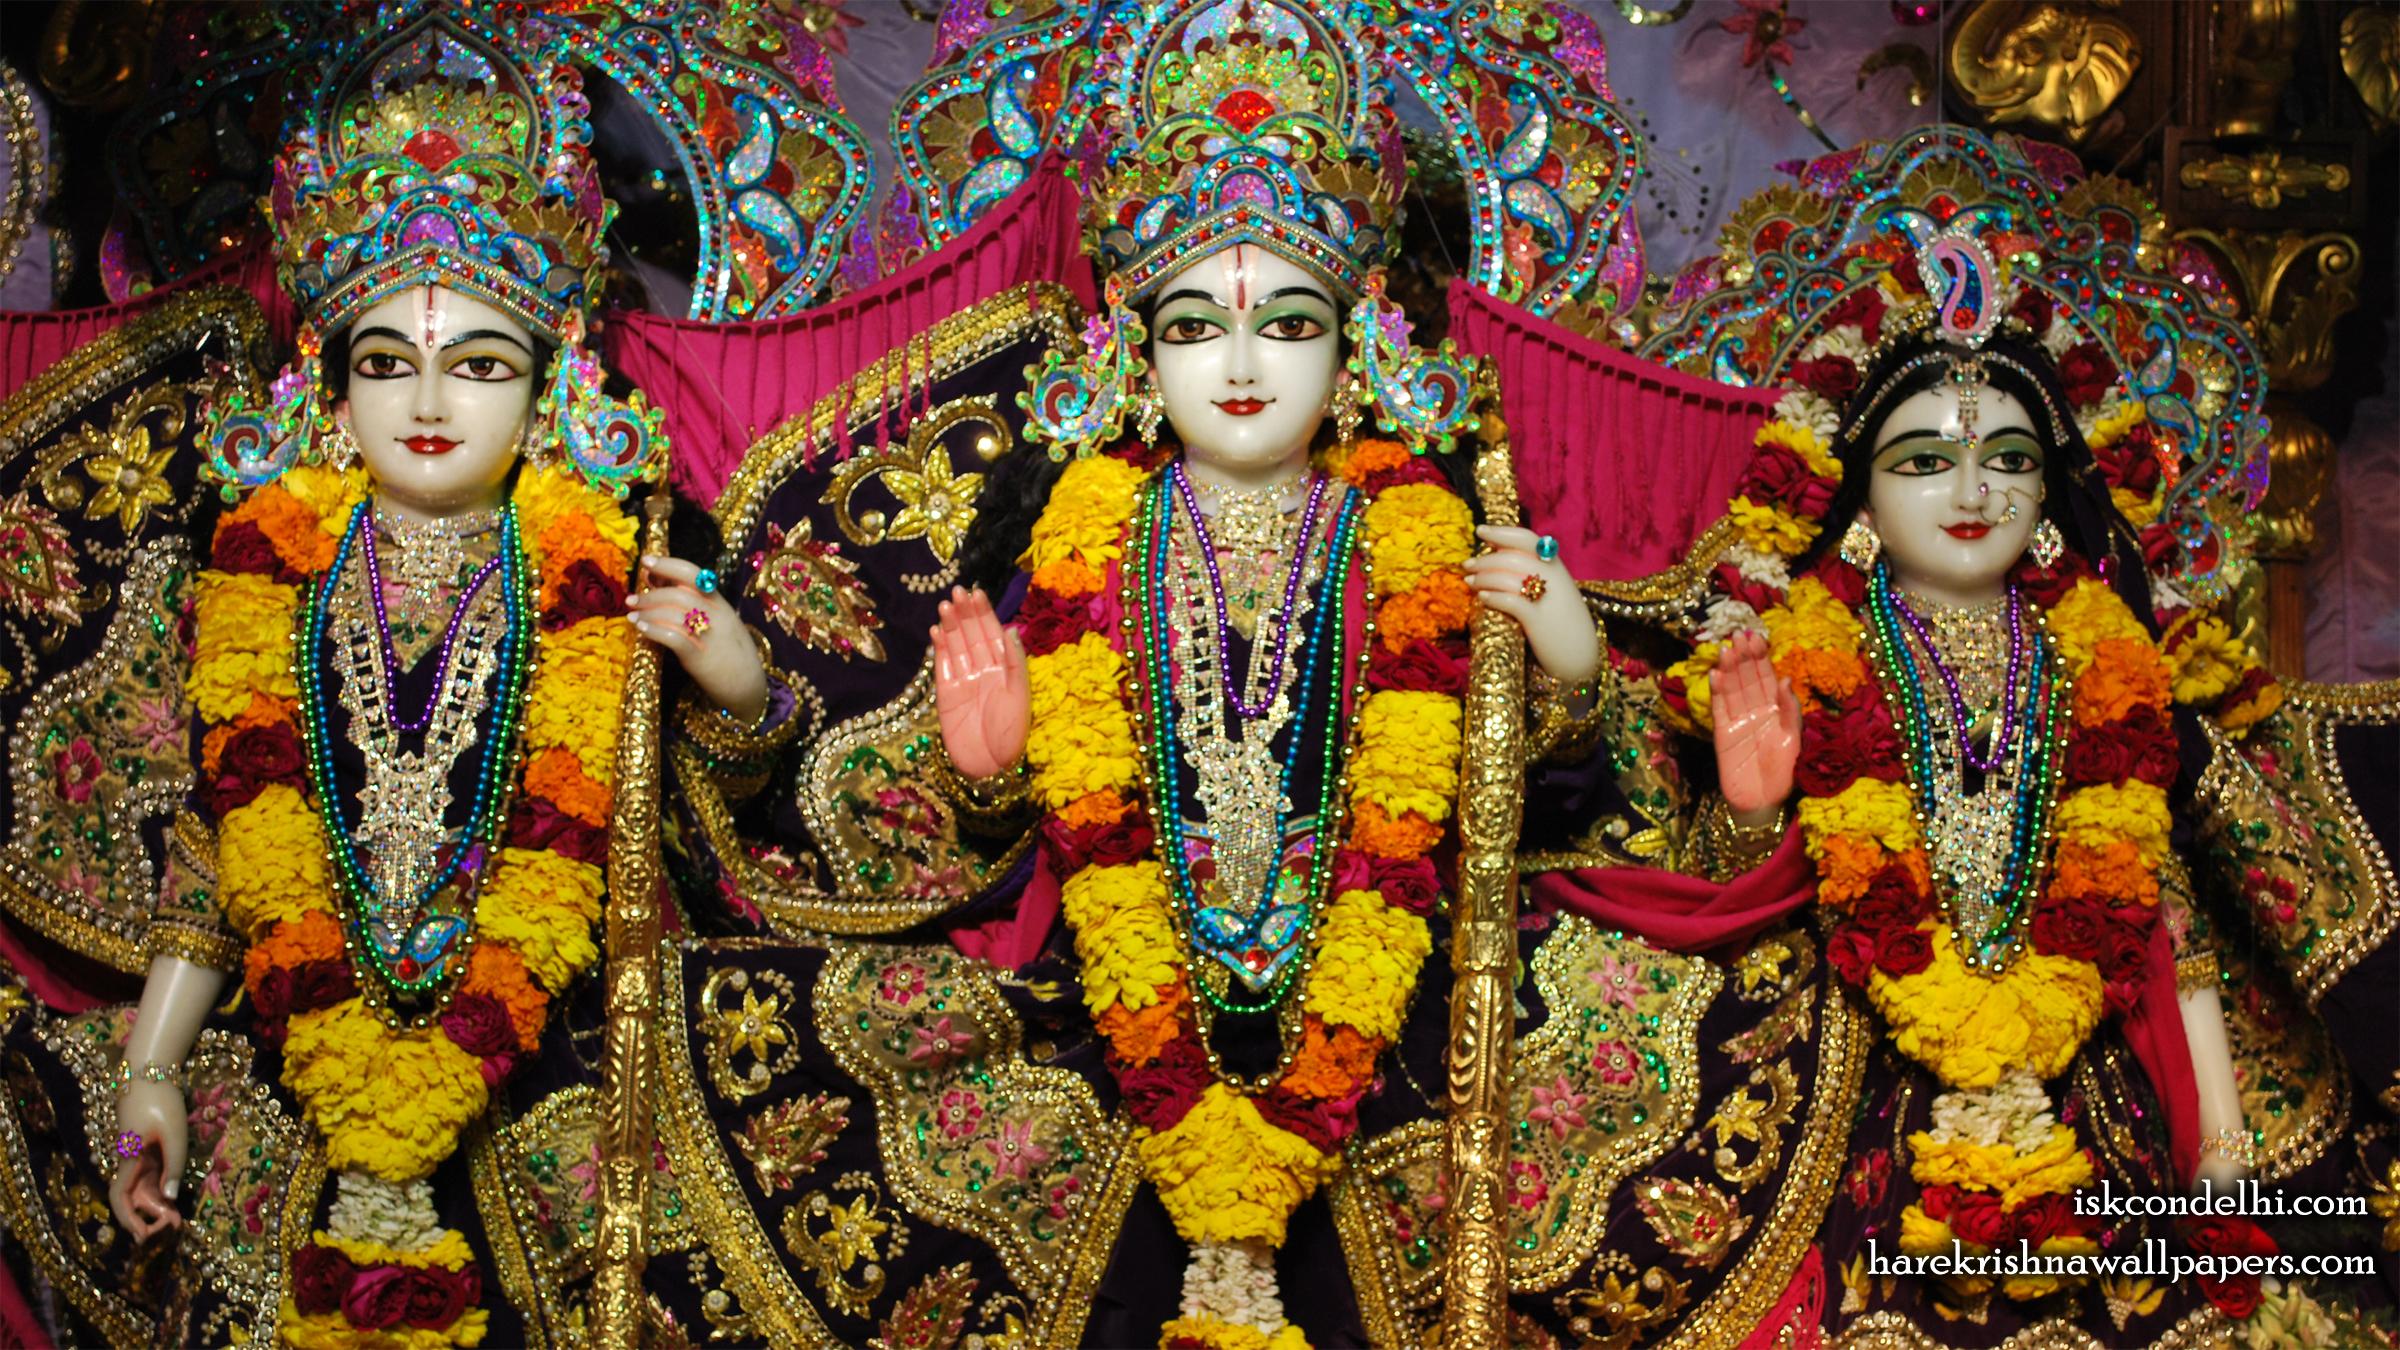 Sri Sri Sita Rama Laxman Wallpaper (002) Size 2400x1350 Download